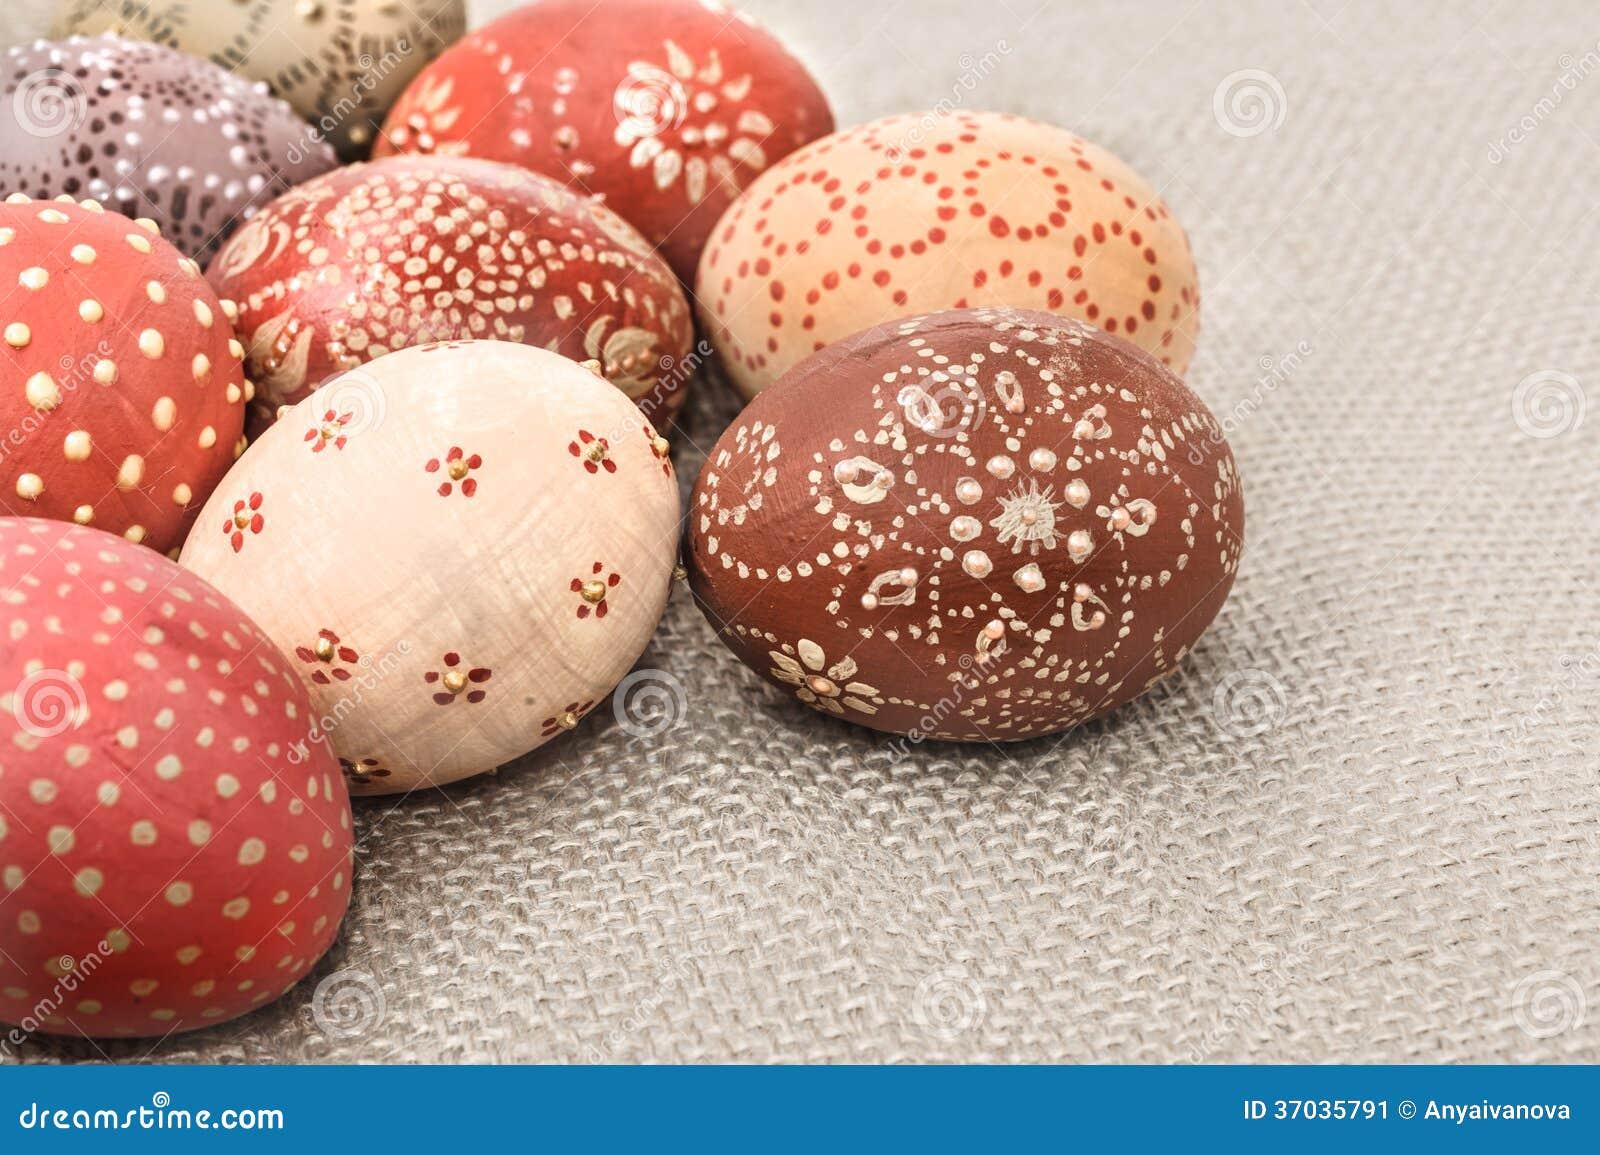 Uova di pasqua decorate composizione d 39 angolo immagine - Uova di pasqua decorate ...